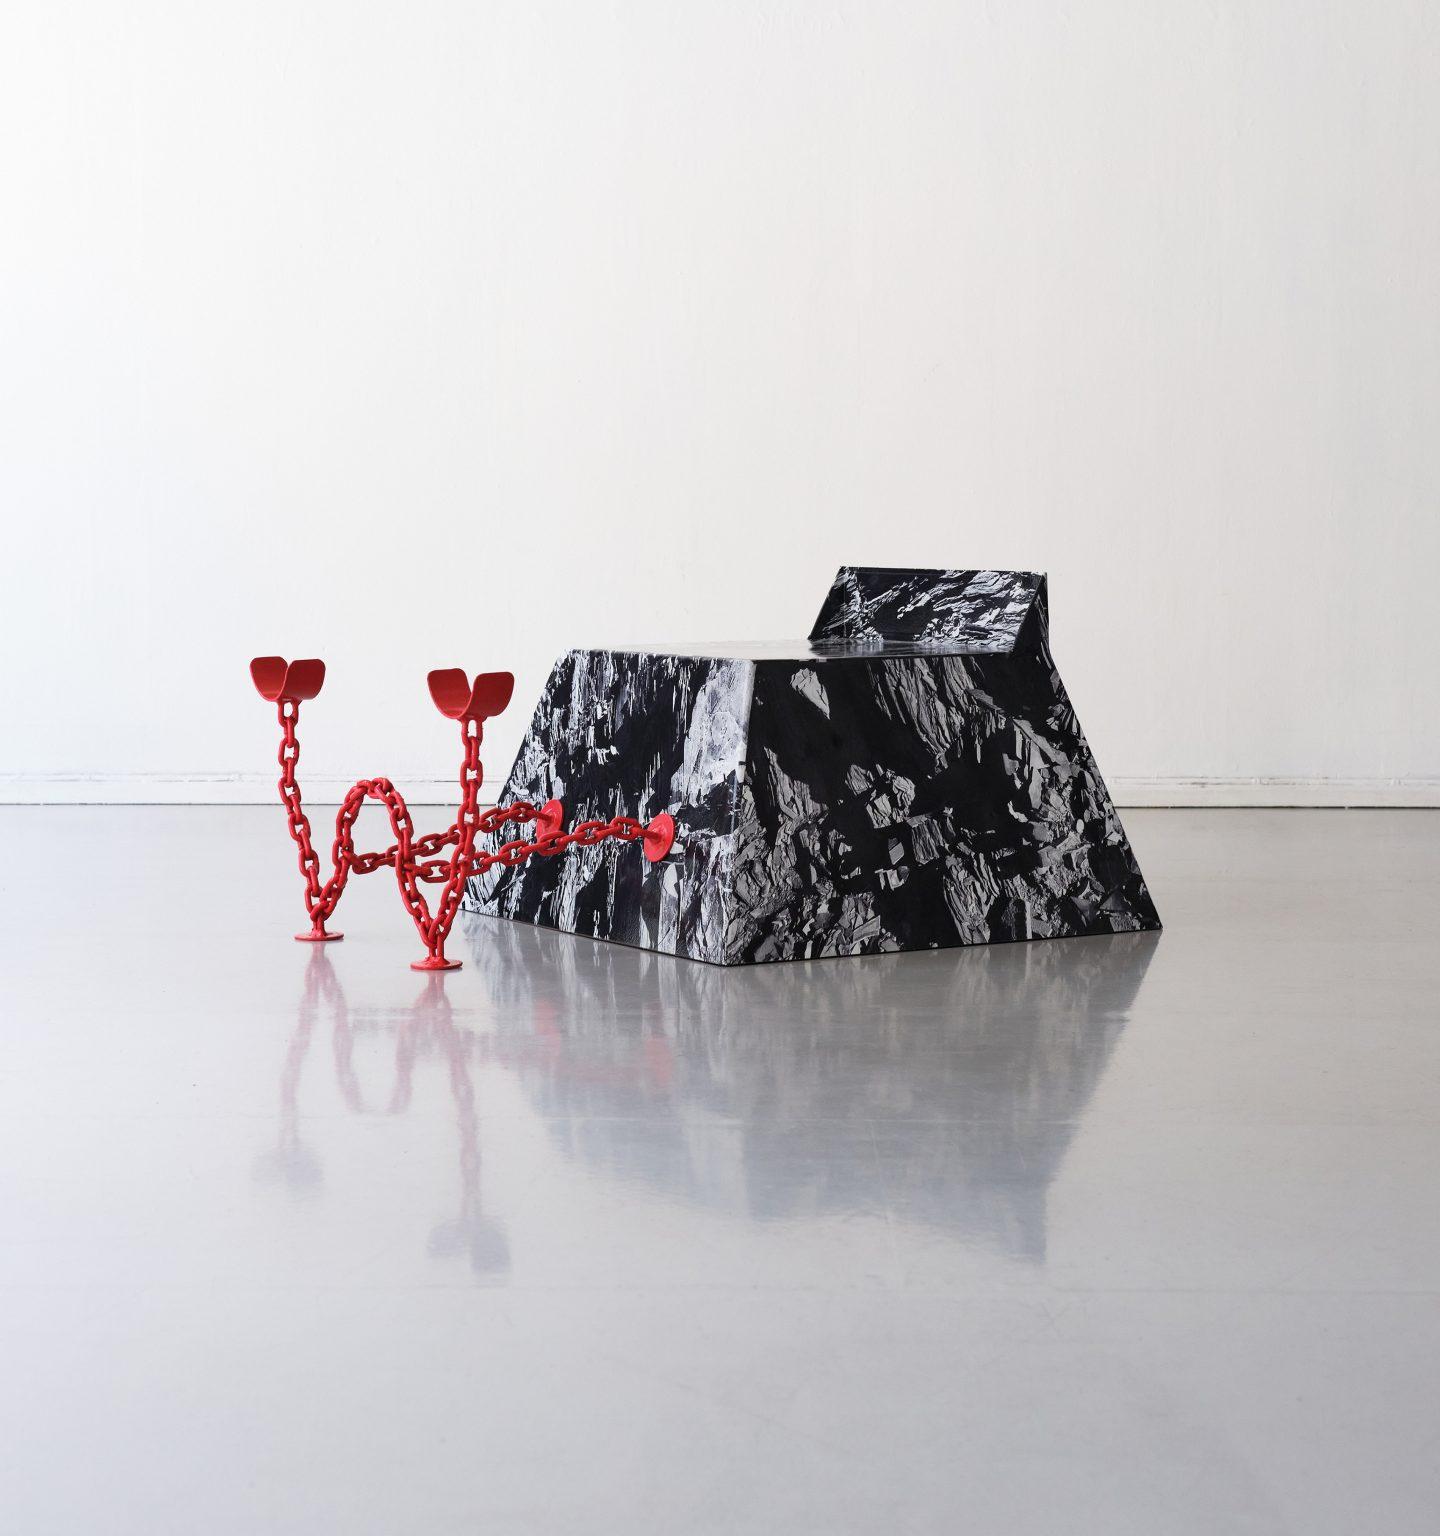 Biennale Interieur - Belgium's leading design and interior event - Prometheus-unbound-2021-edvin-klasson.jpg